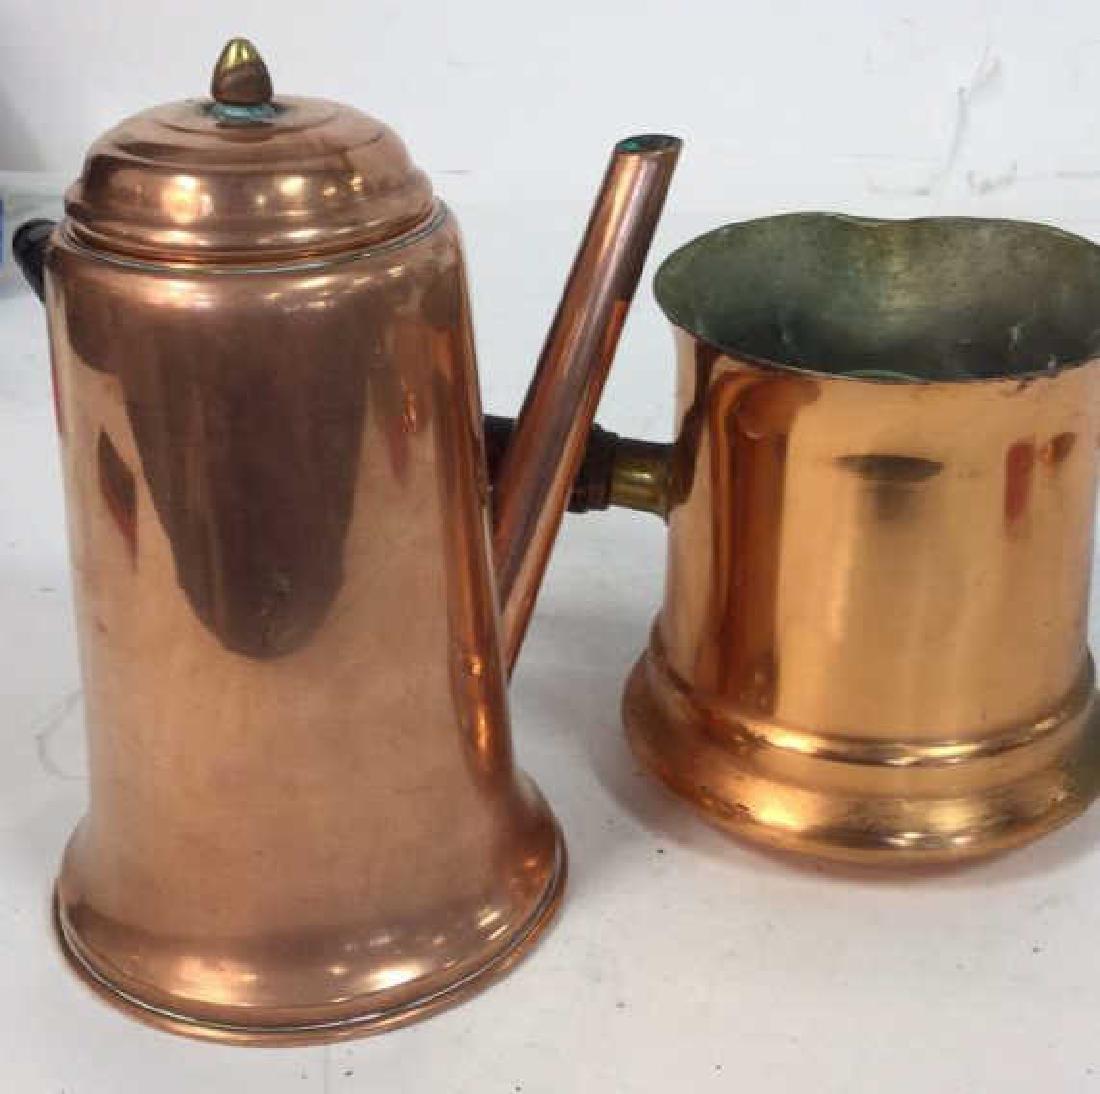 Vintage Copper Kitchen Pots Implements - 10